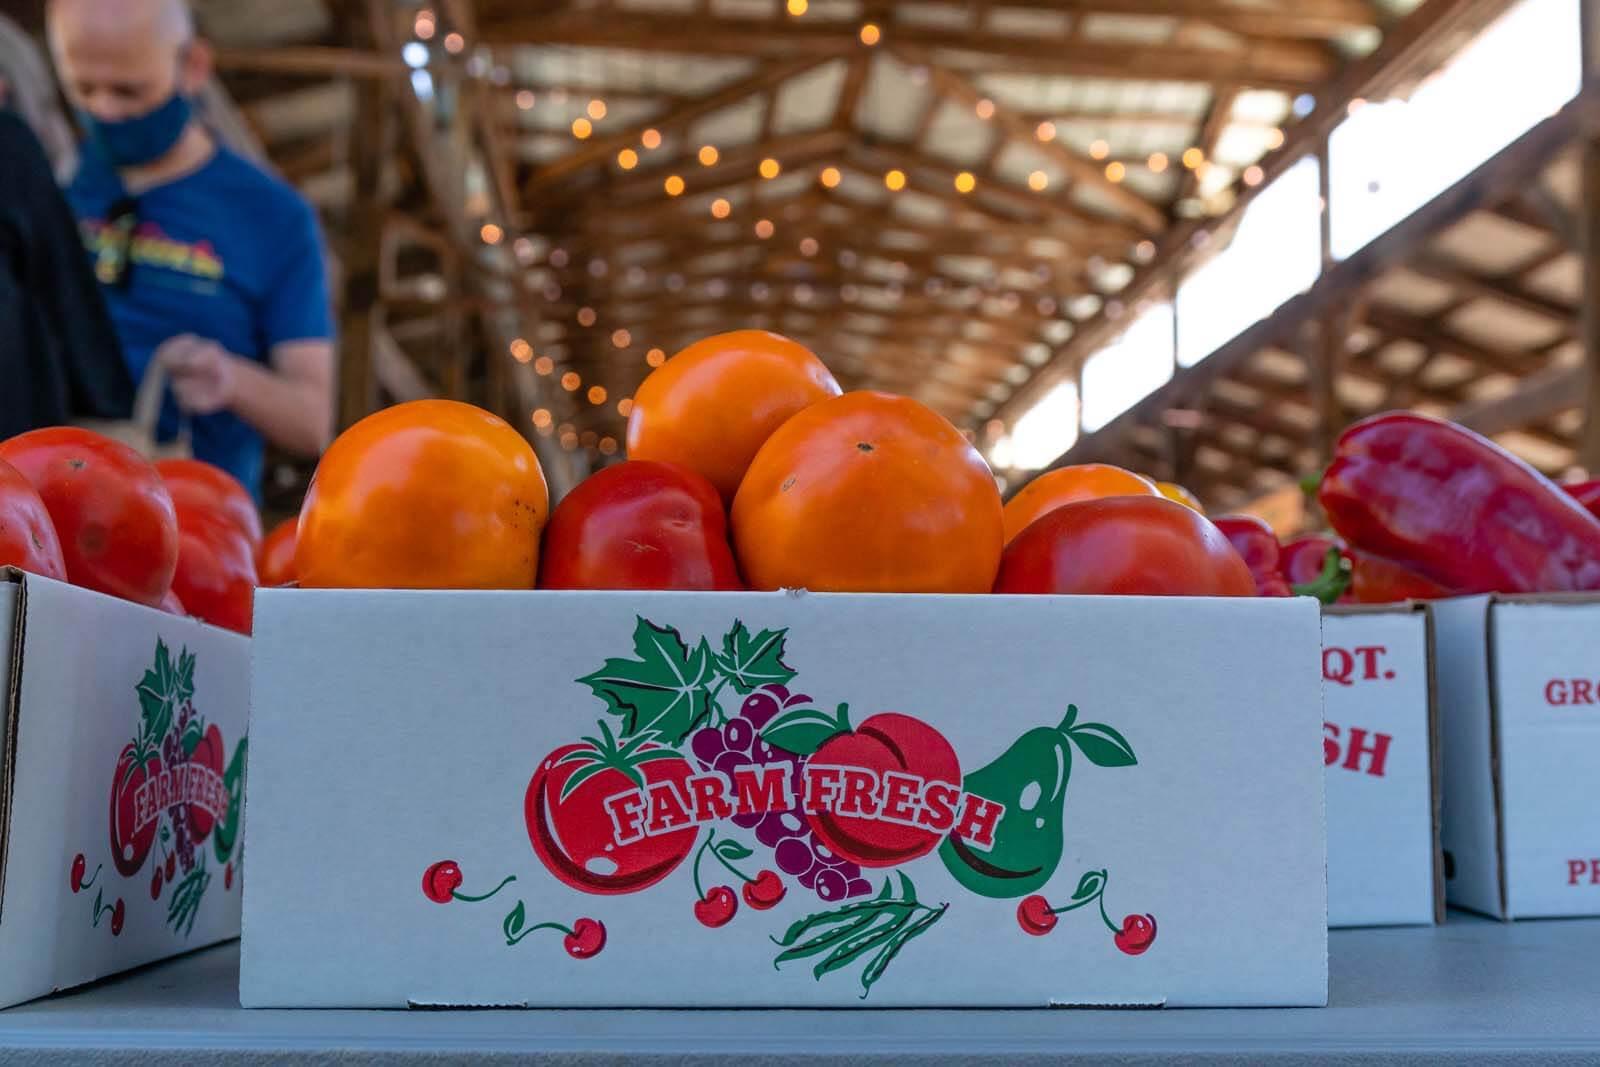 Ithaca Farmers Market in Ithaca NY